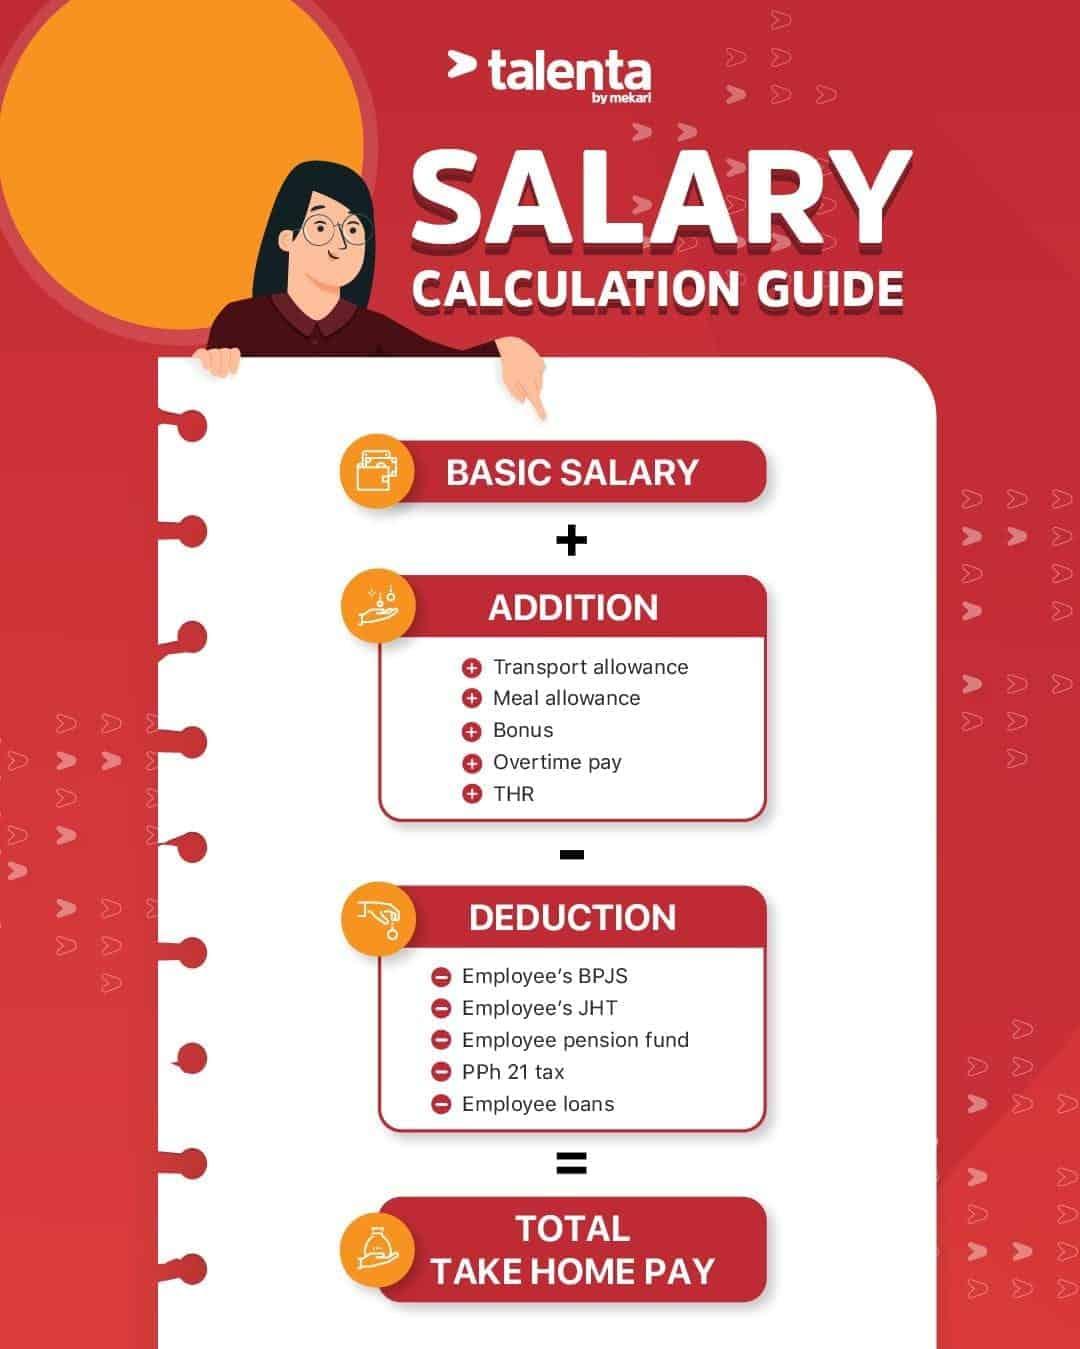 HRIS Talenta bisa melakukan perhitungan Gaji Karyawan secara otomatis dengan cepat.